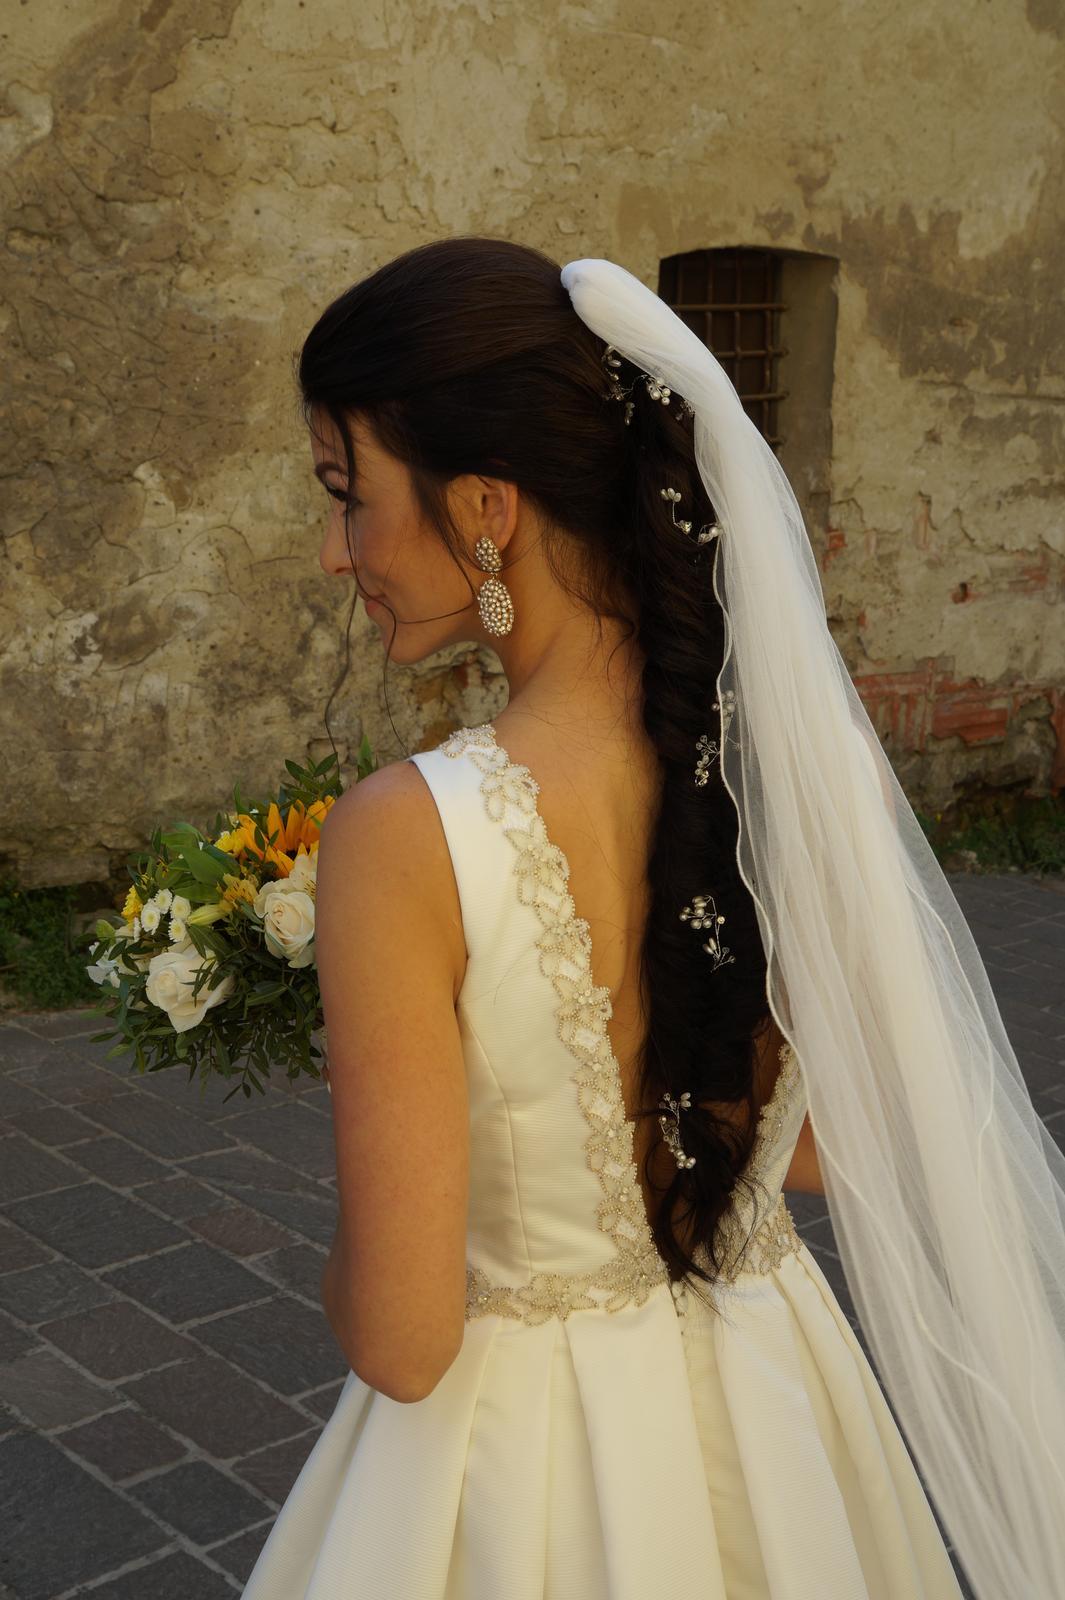 Milované nadčasové svadobné šaty - ROSA CLARA ORBE - Obrázok č. 1